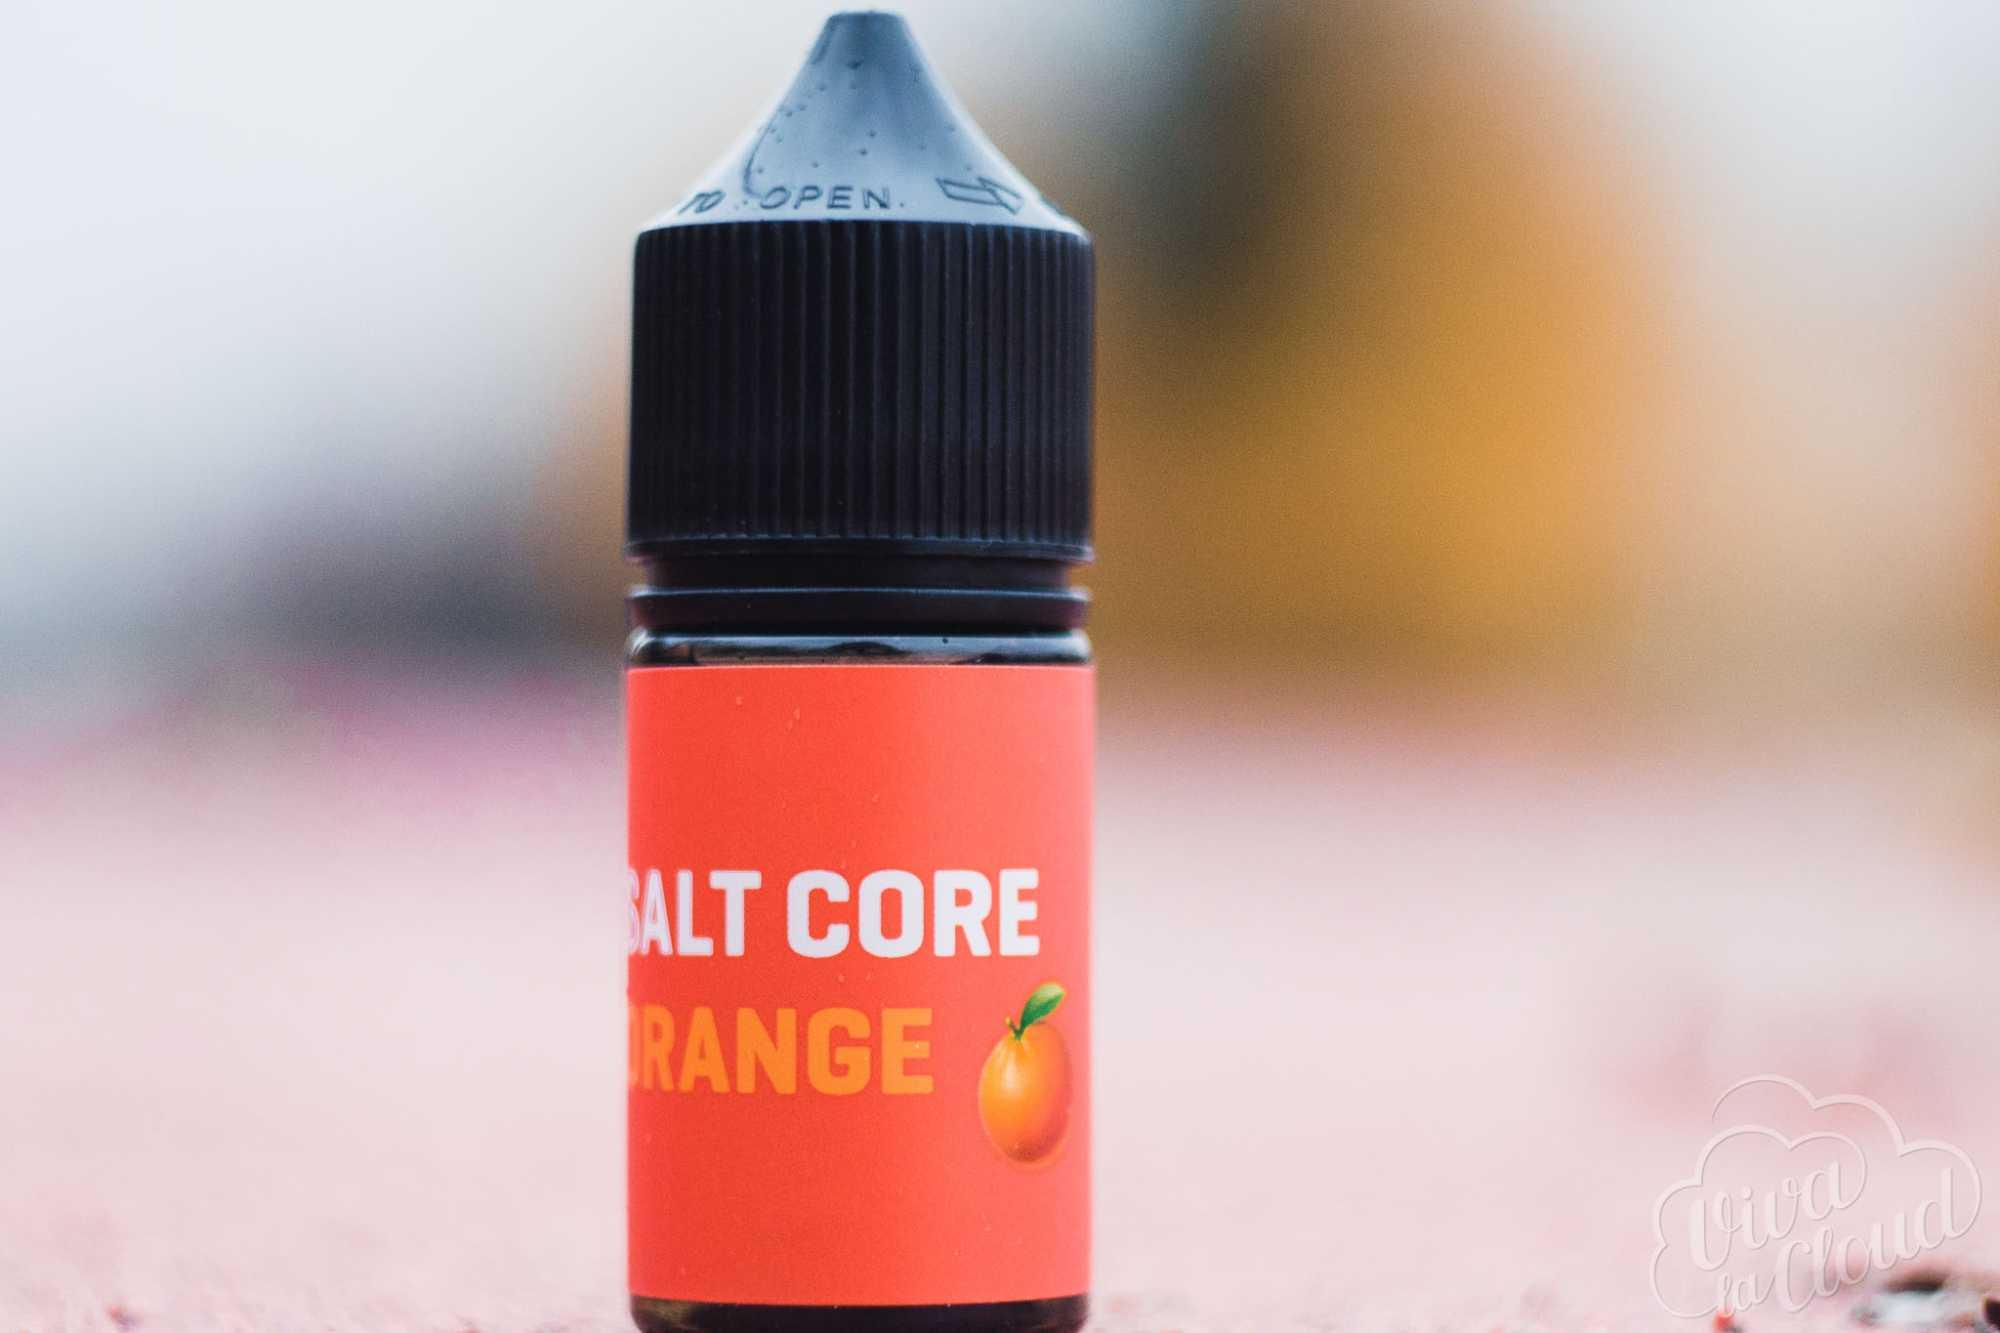 salt core eliquid